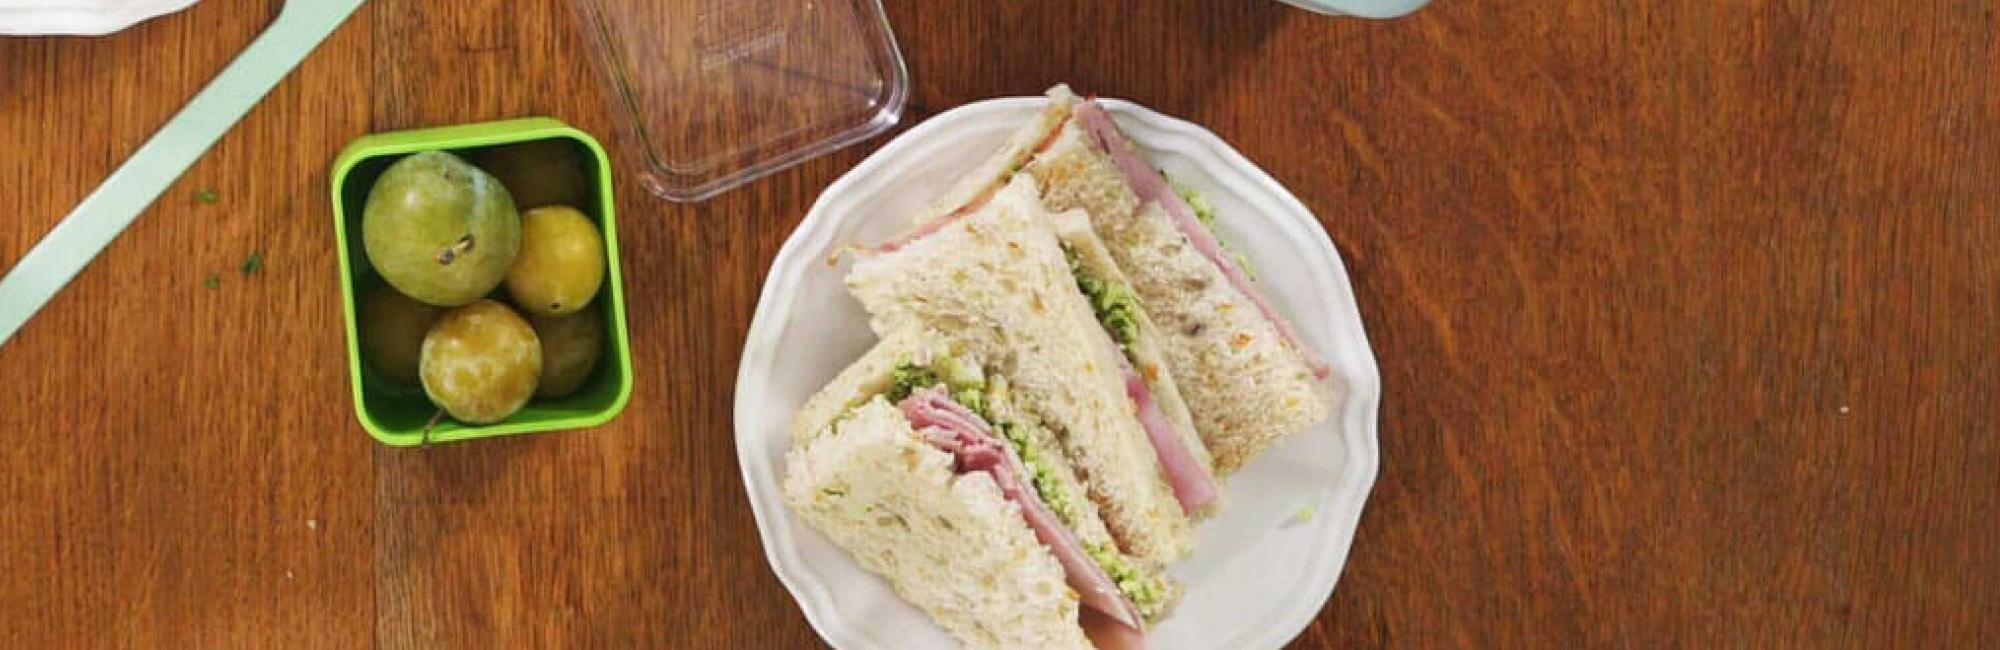 Sandwichs plats, pesto de brocoli, jambon